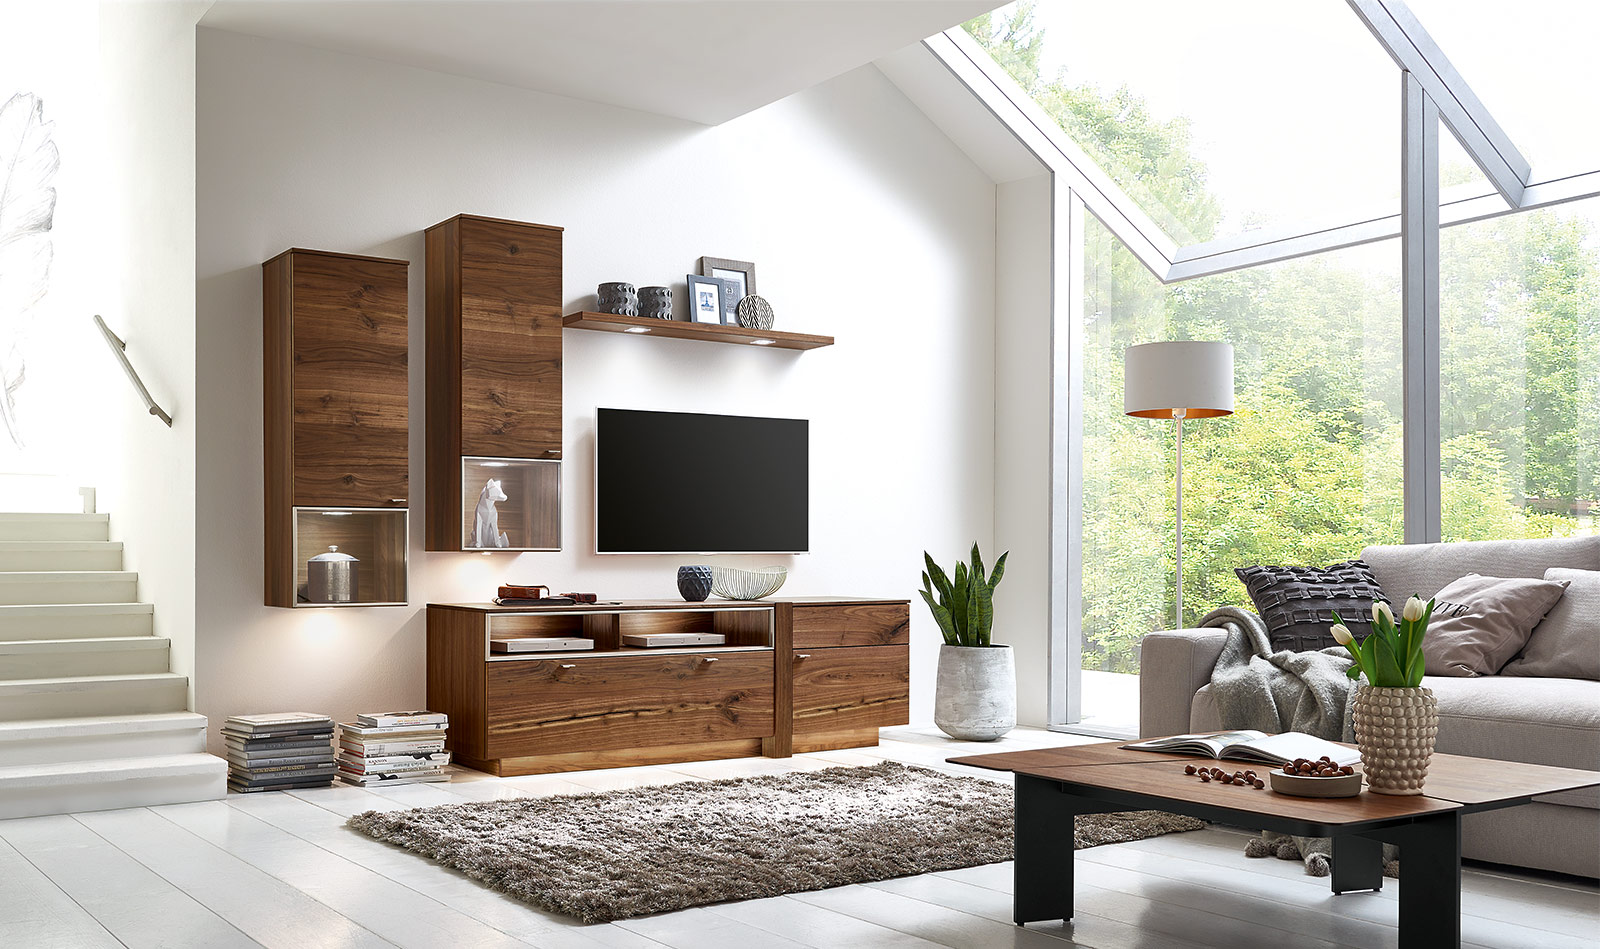 Wohnzimmer - Programme - Albero - Venjakob Möbel - Vorsprung Durch ... Wohnzimmer Design Programm